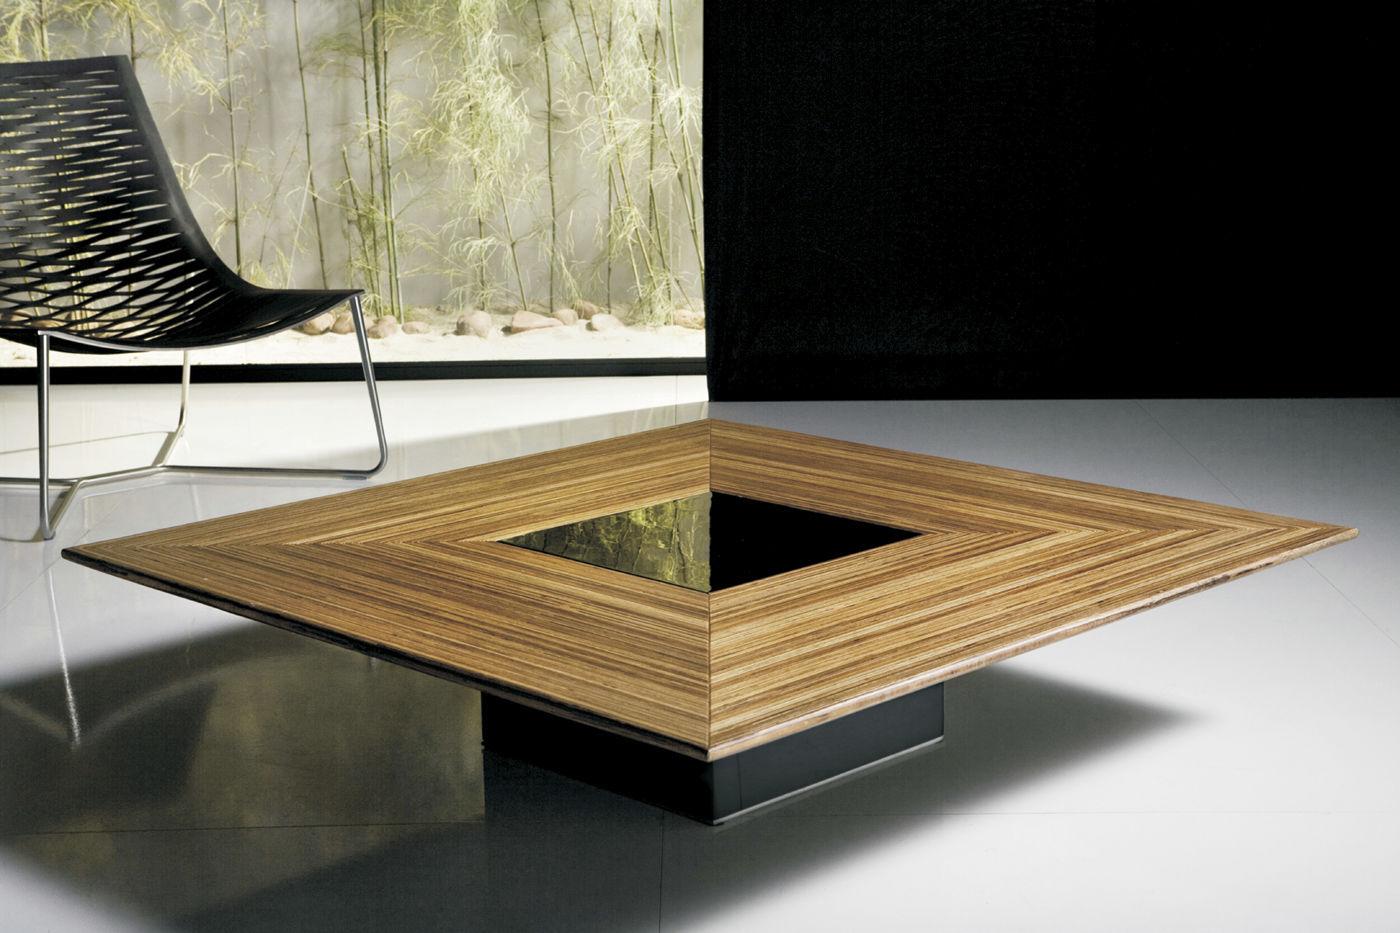 Charming Table De Salon Ikea #19: TABLE BASSE SALON IKEA, Galerie